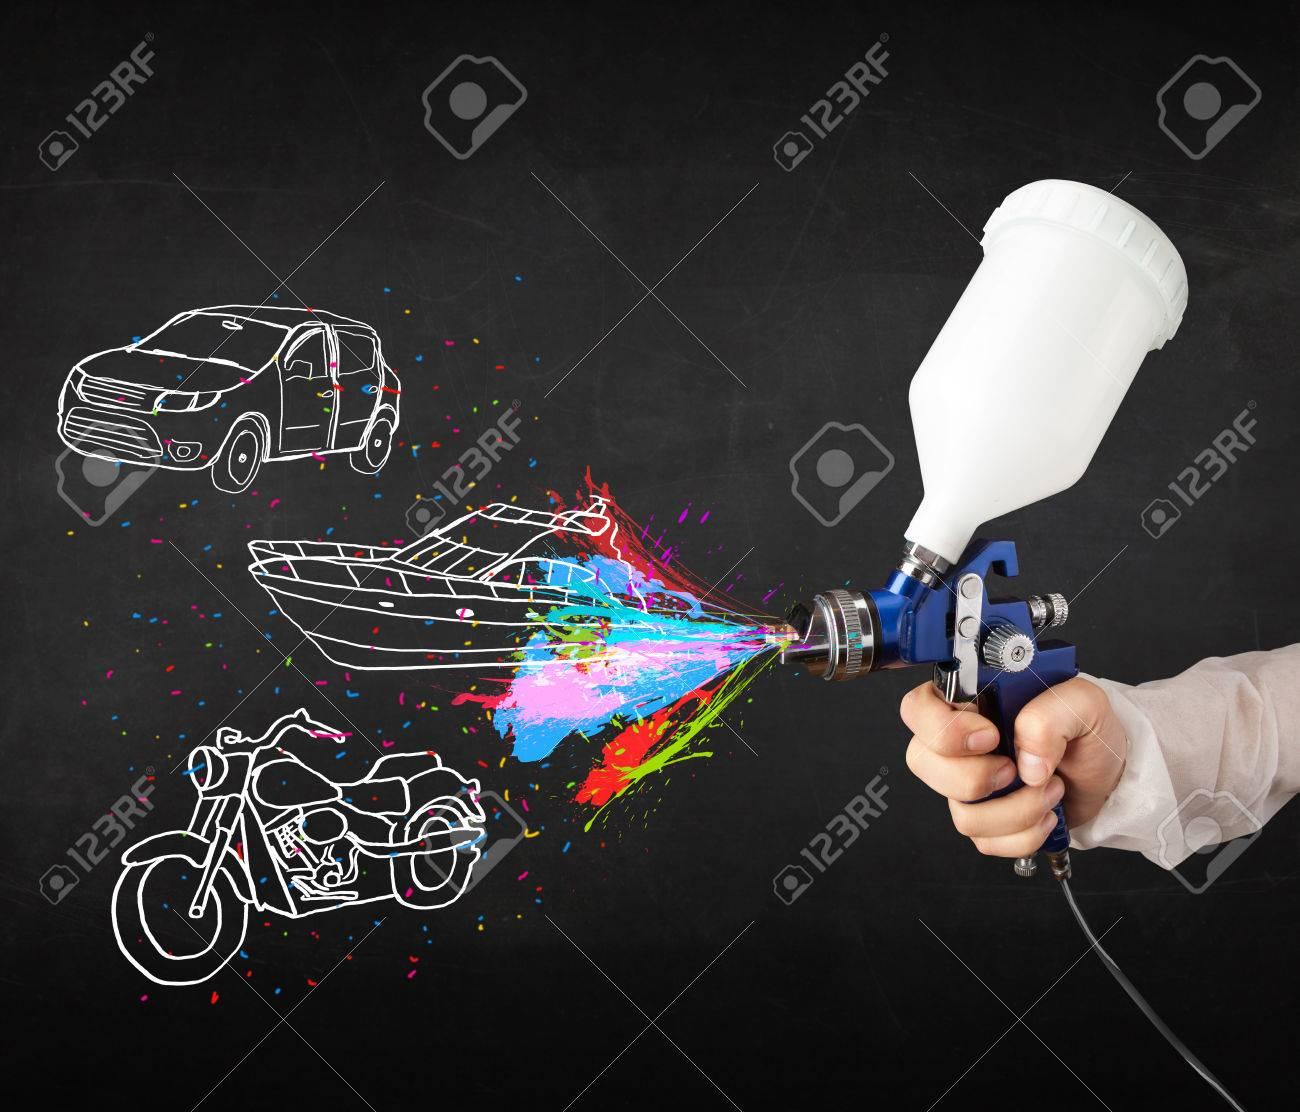 Homme A L Aerographe Bombe De Peinture Avec Le Dessin Voiture Bateau Et Moto Sur Fond Sombre Banque D Images Et Photos Libres De Droits Image 22757592